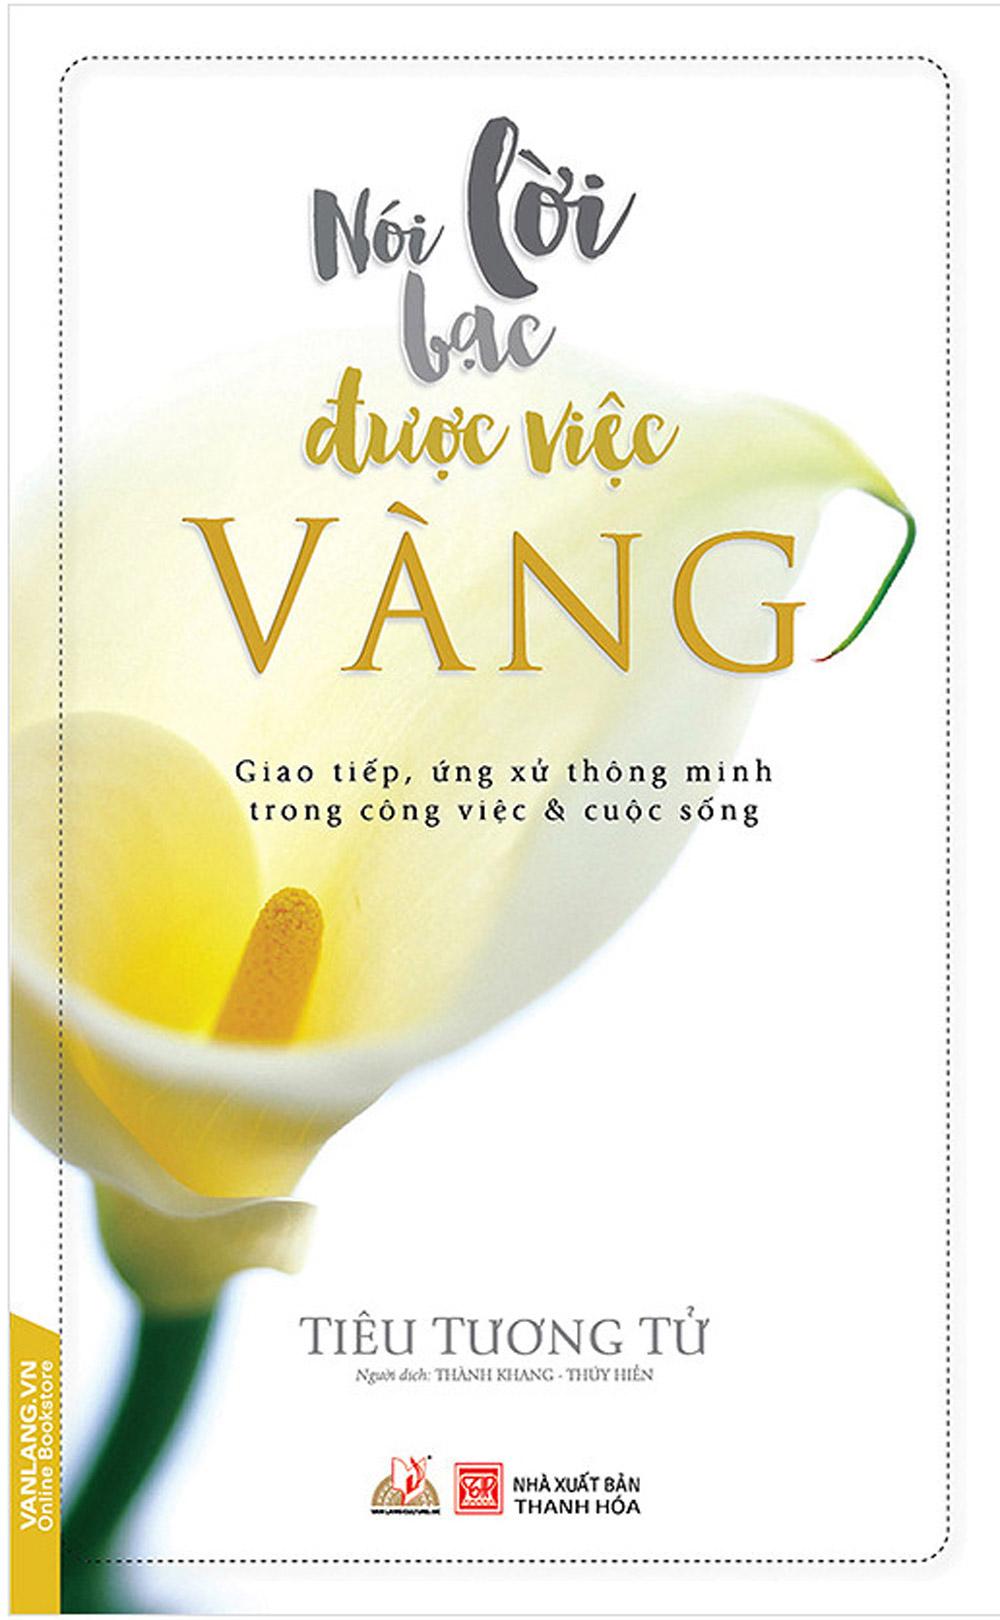 Nói Lời Bạc Được Việc Vàng (Tái Bản) - EBOOK/PDF/PRC/EPUB